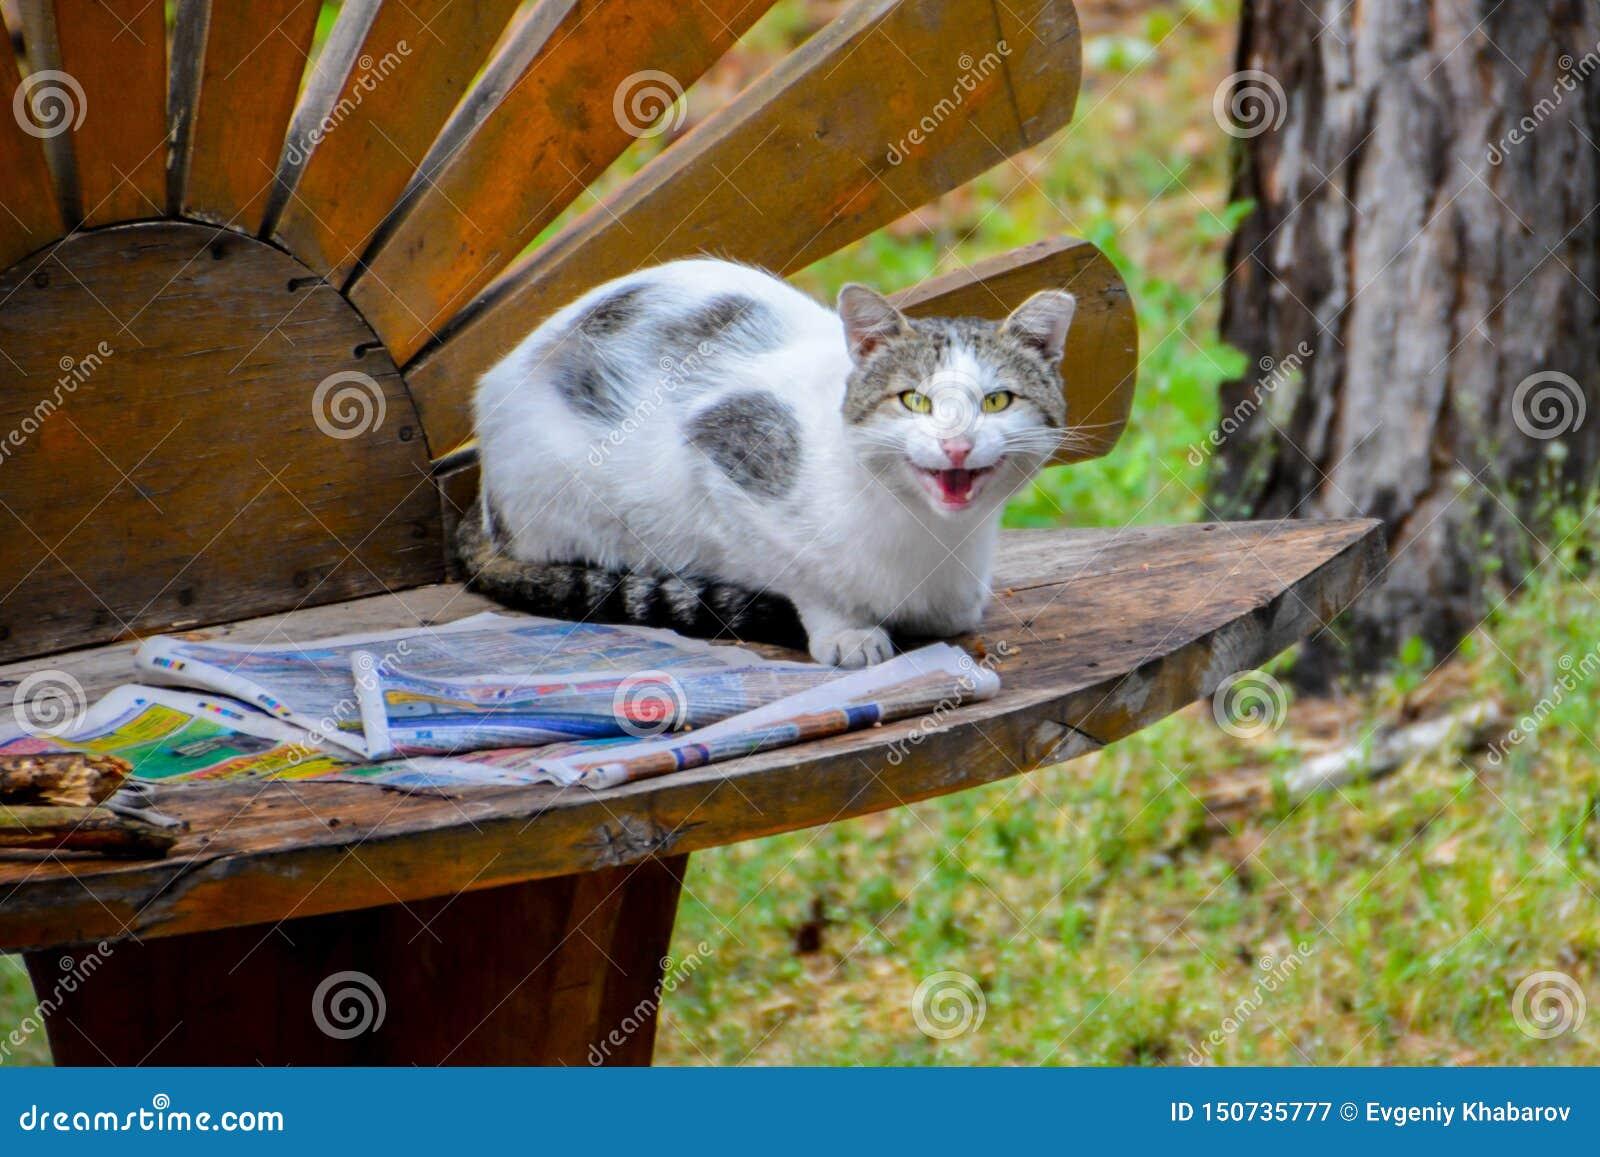 Beschmutzte Katze, die eine Zeitung auf der Bank liest